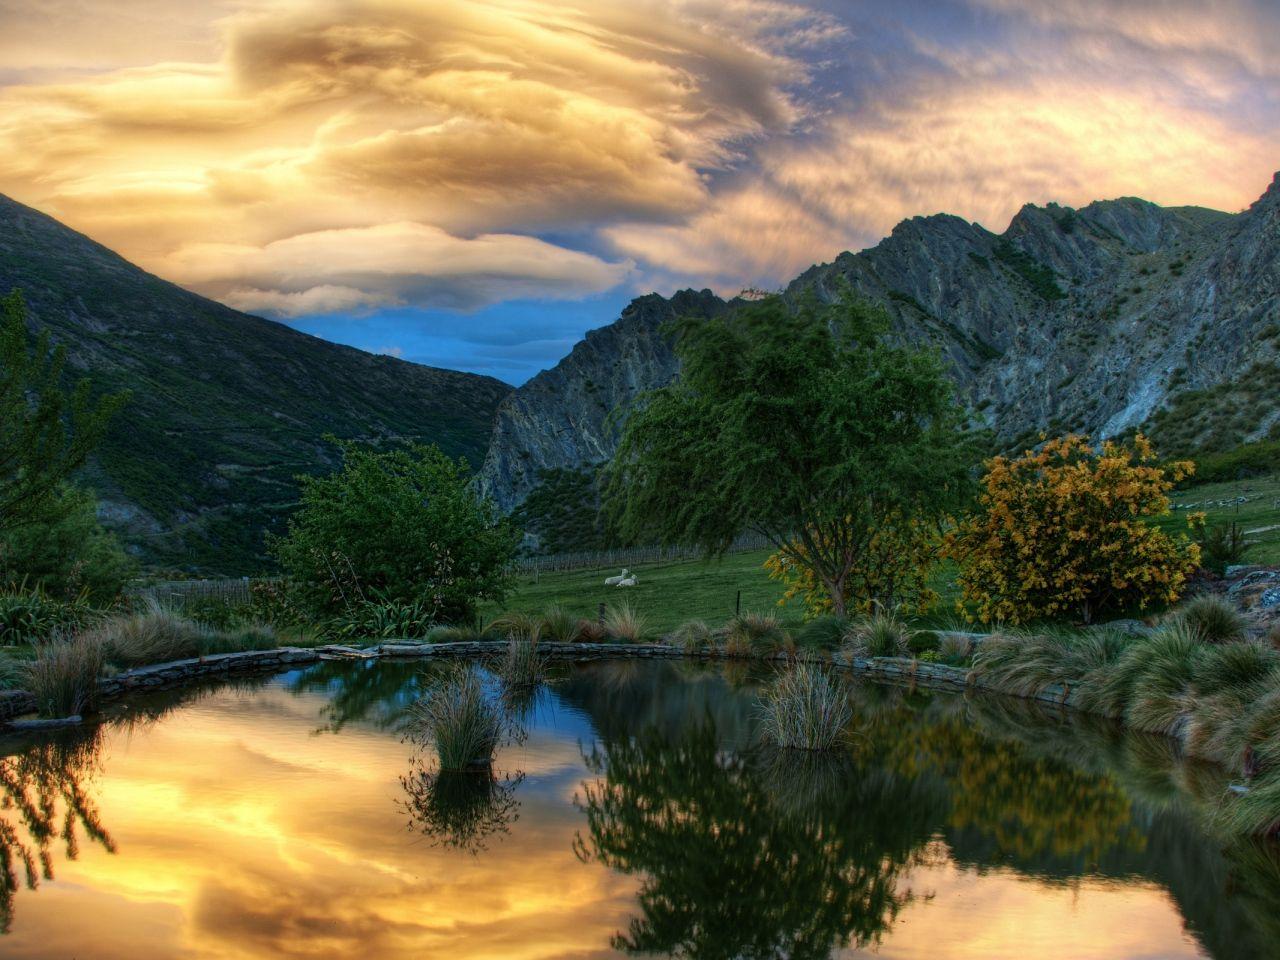 okrúhle obrázky, jazero tapety, sky vektor, pobrežie zázemím, hory materiál